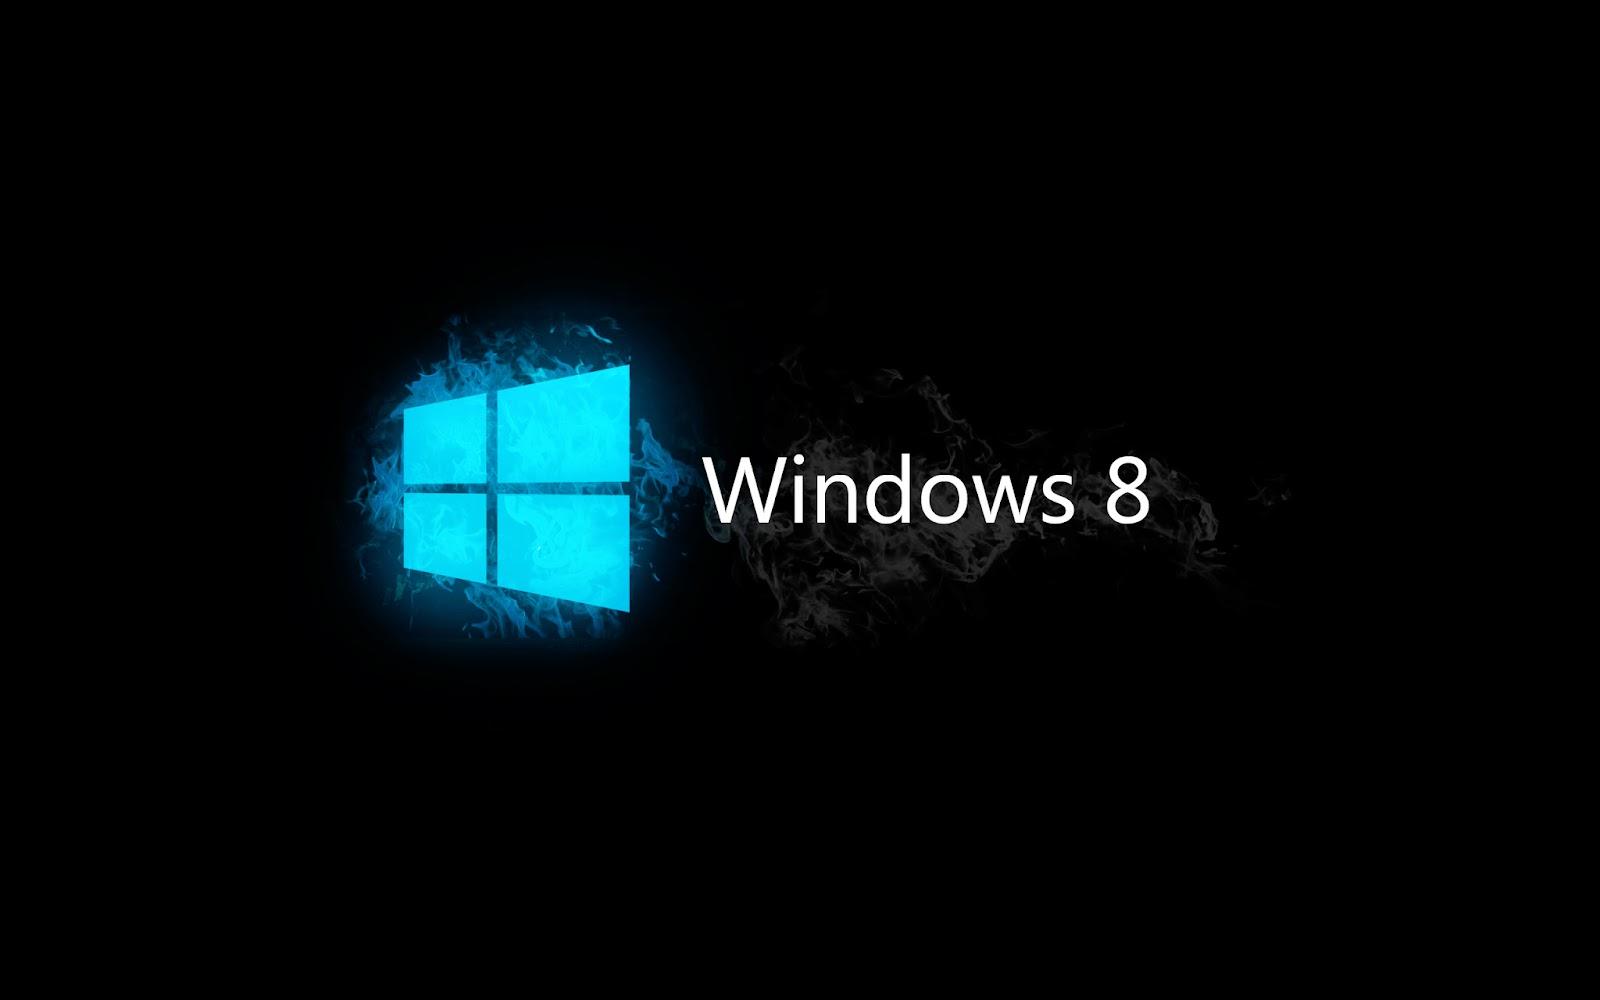 Papel De Parede Windows 8 Preto Neon